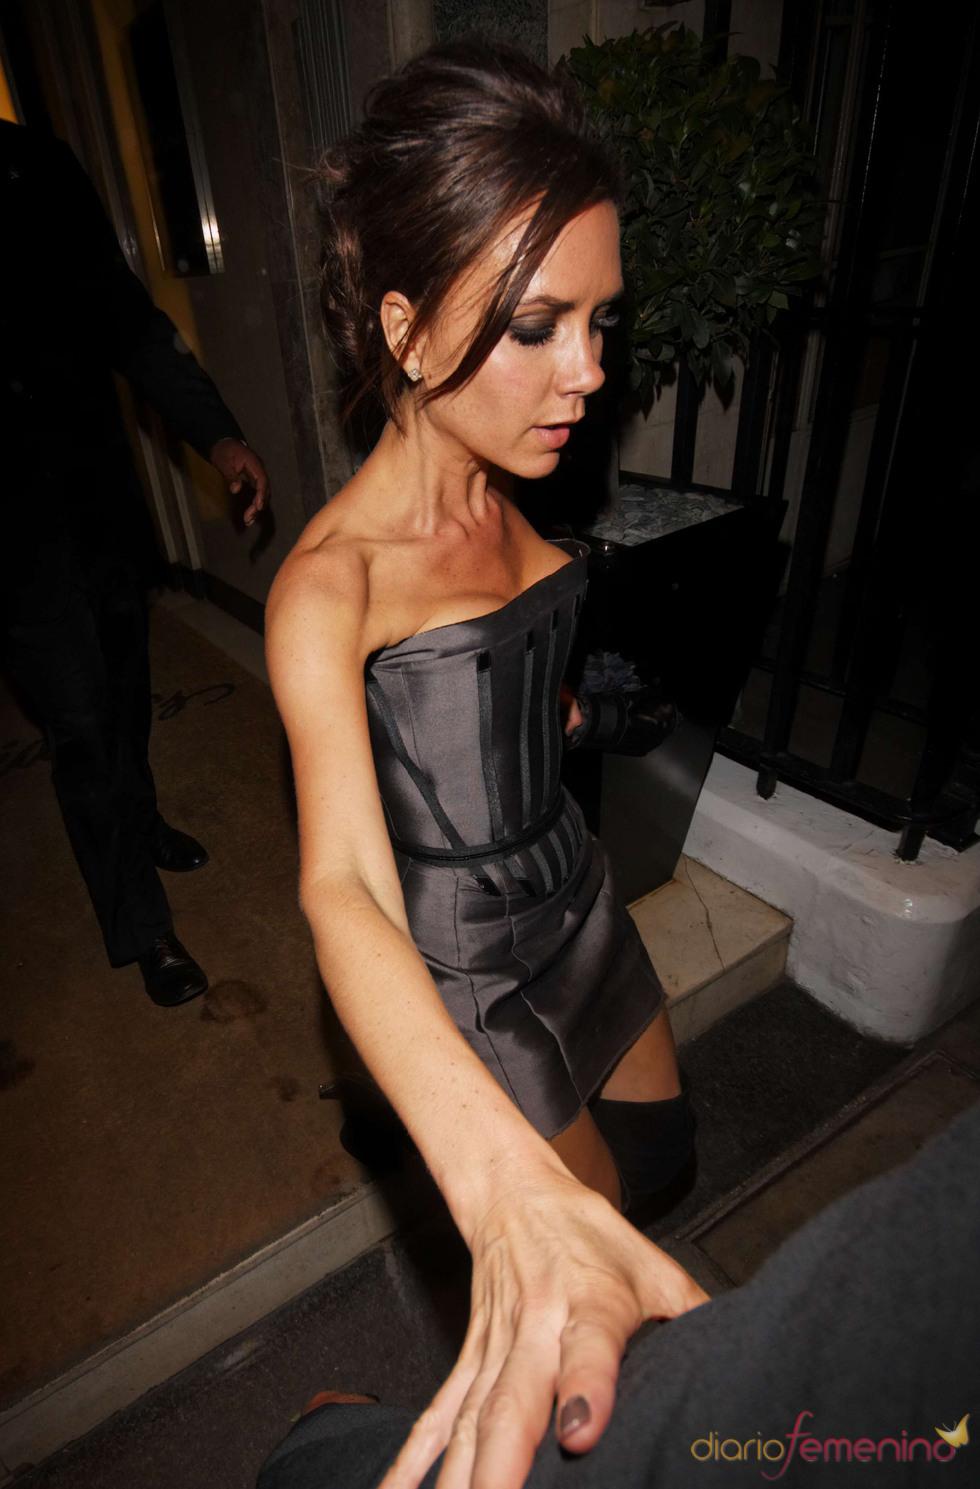 Victoria Beckham reconoció su anorexia en 2007